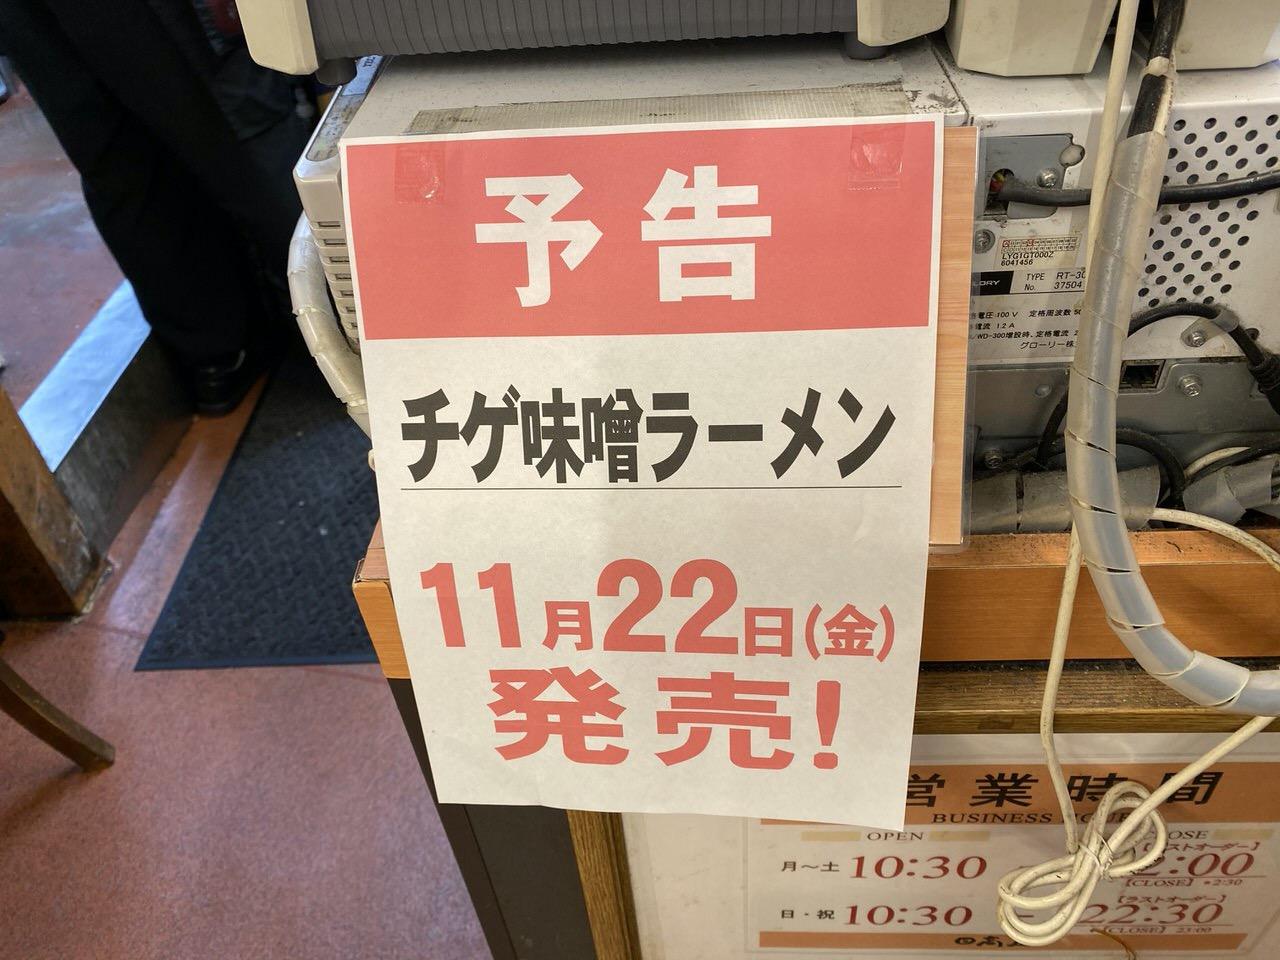 日高屋「チゲ味噌ラーメン 2019」発売開始は11月22日